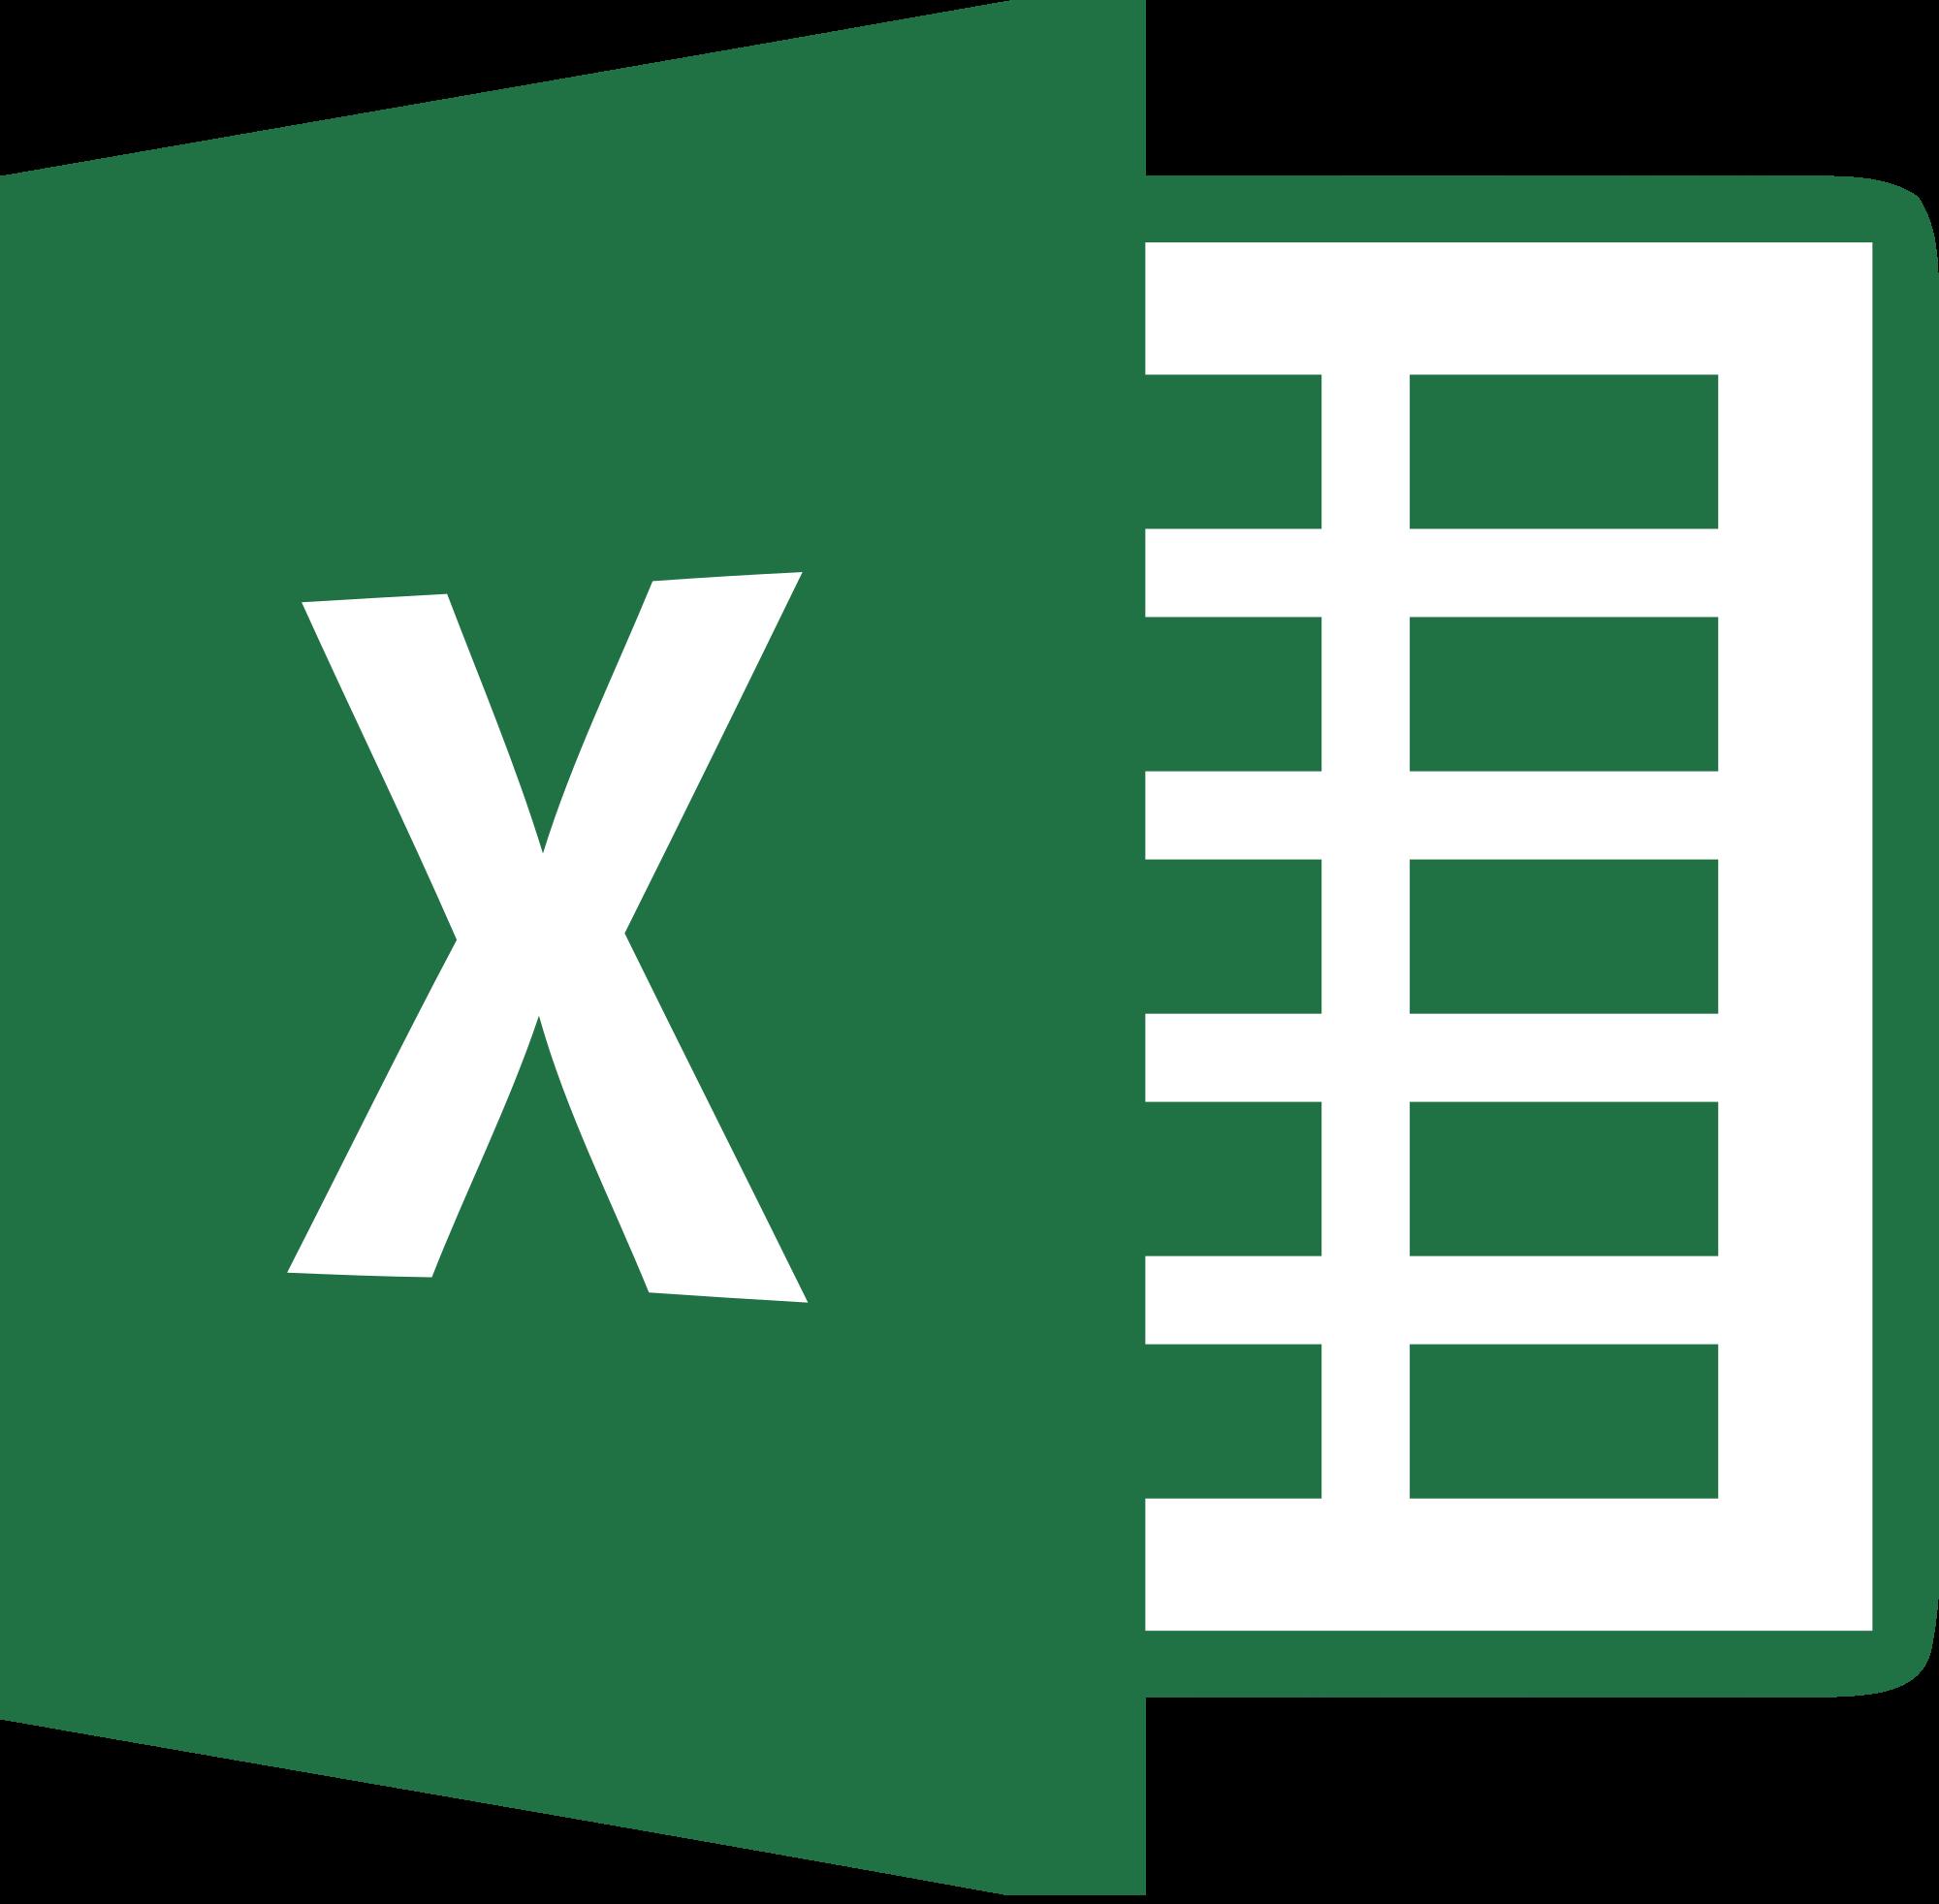 Resultado de imagen de logo excel | Hojas de cálculo, Informatica y  computacion, Informática